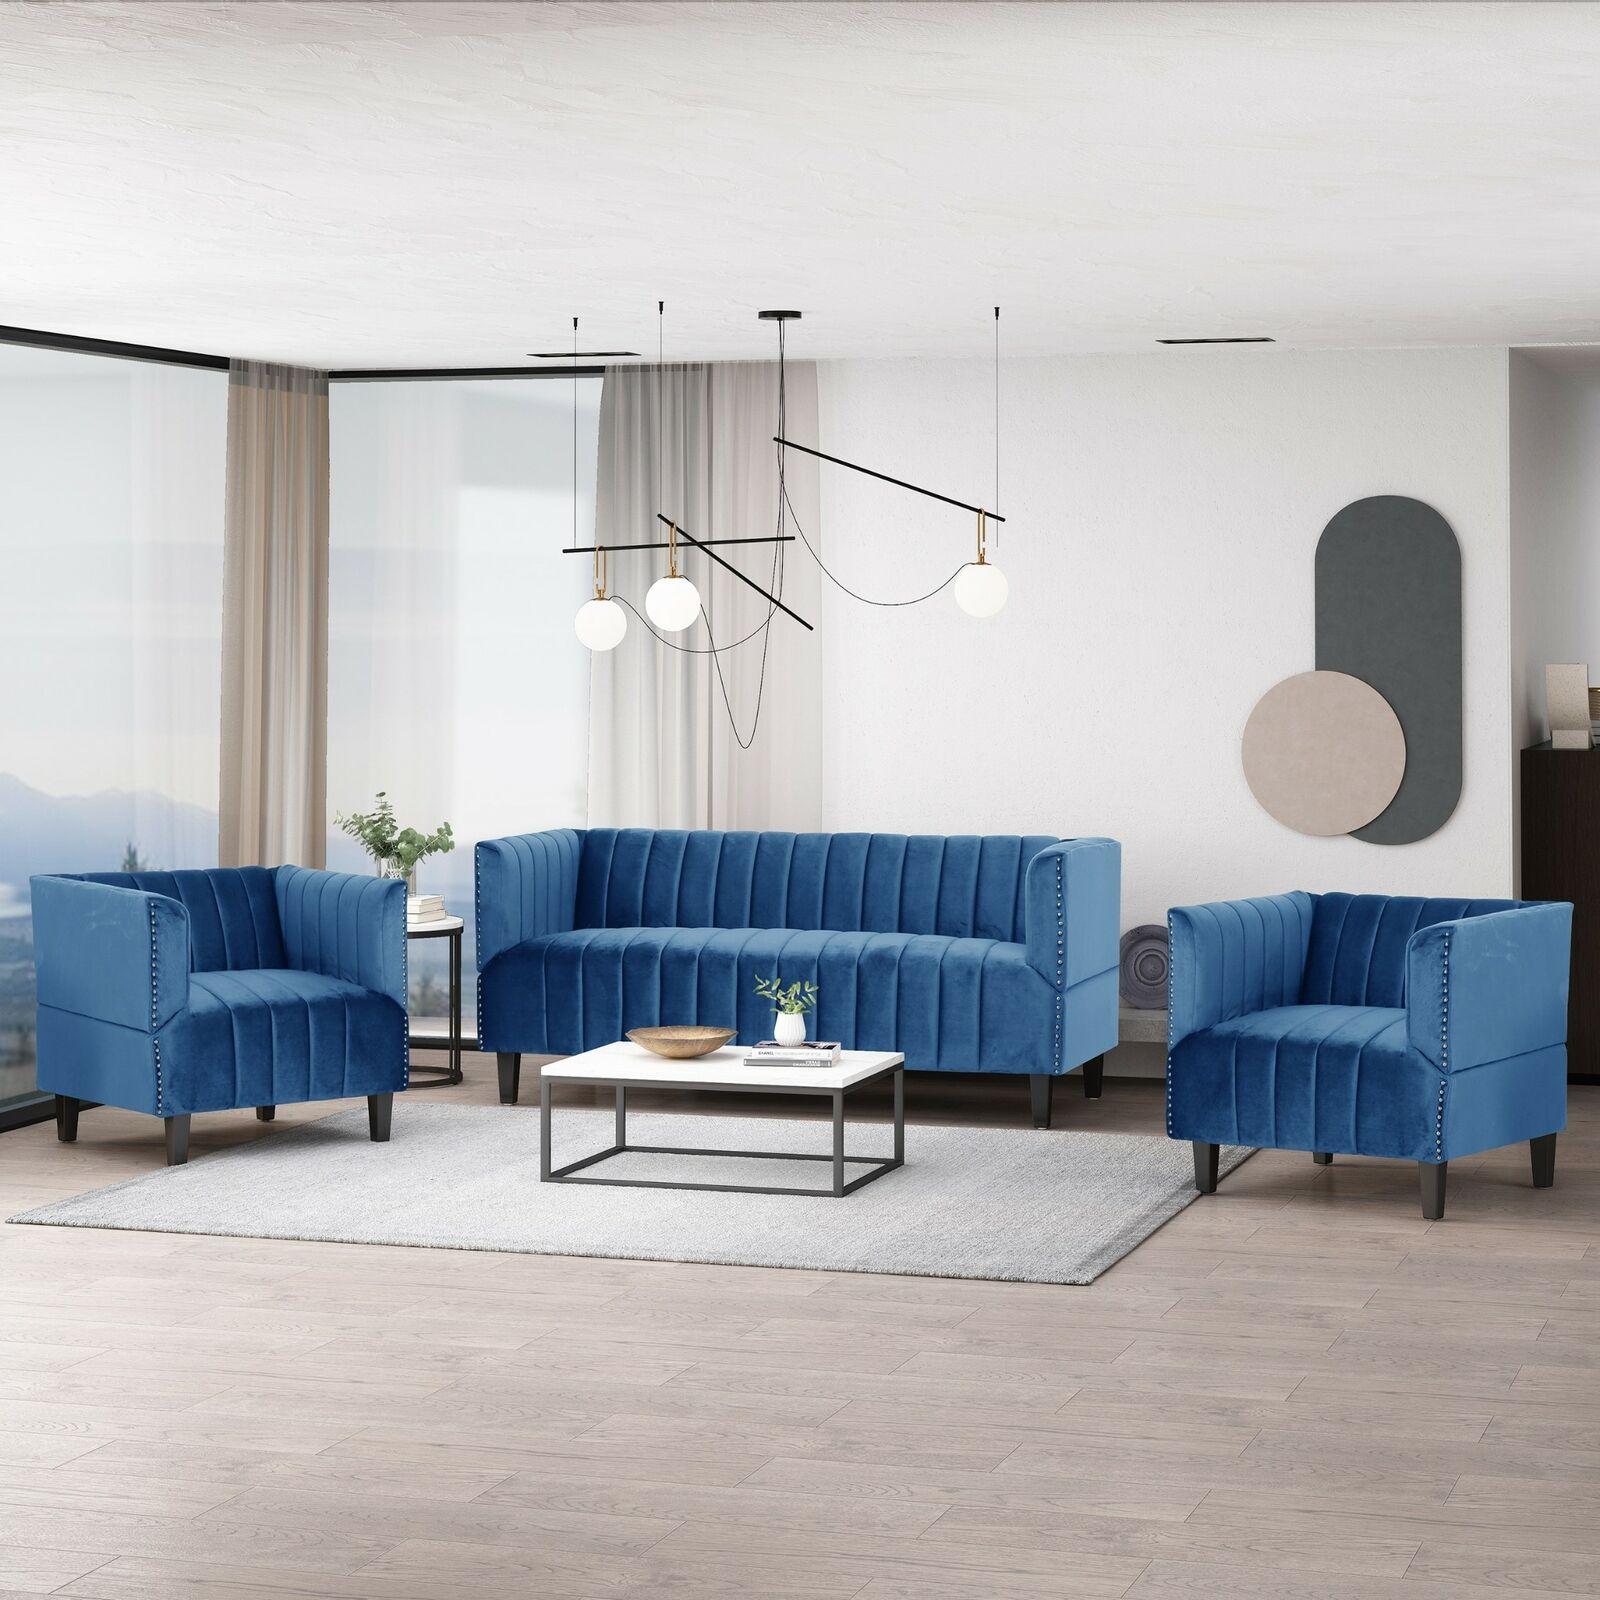 Modrtn Vanity Bench Gold And Blue Living Room Benzara For Sale Online Ebay